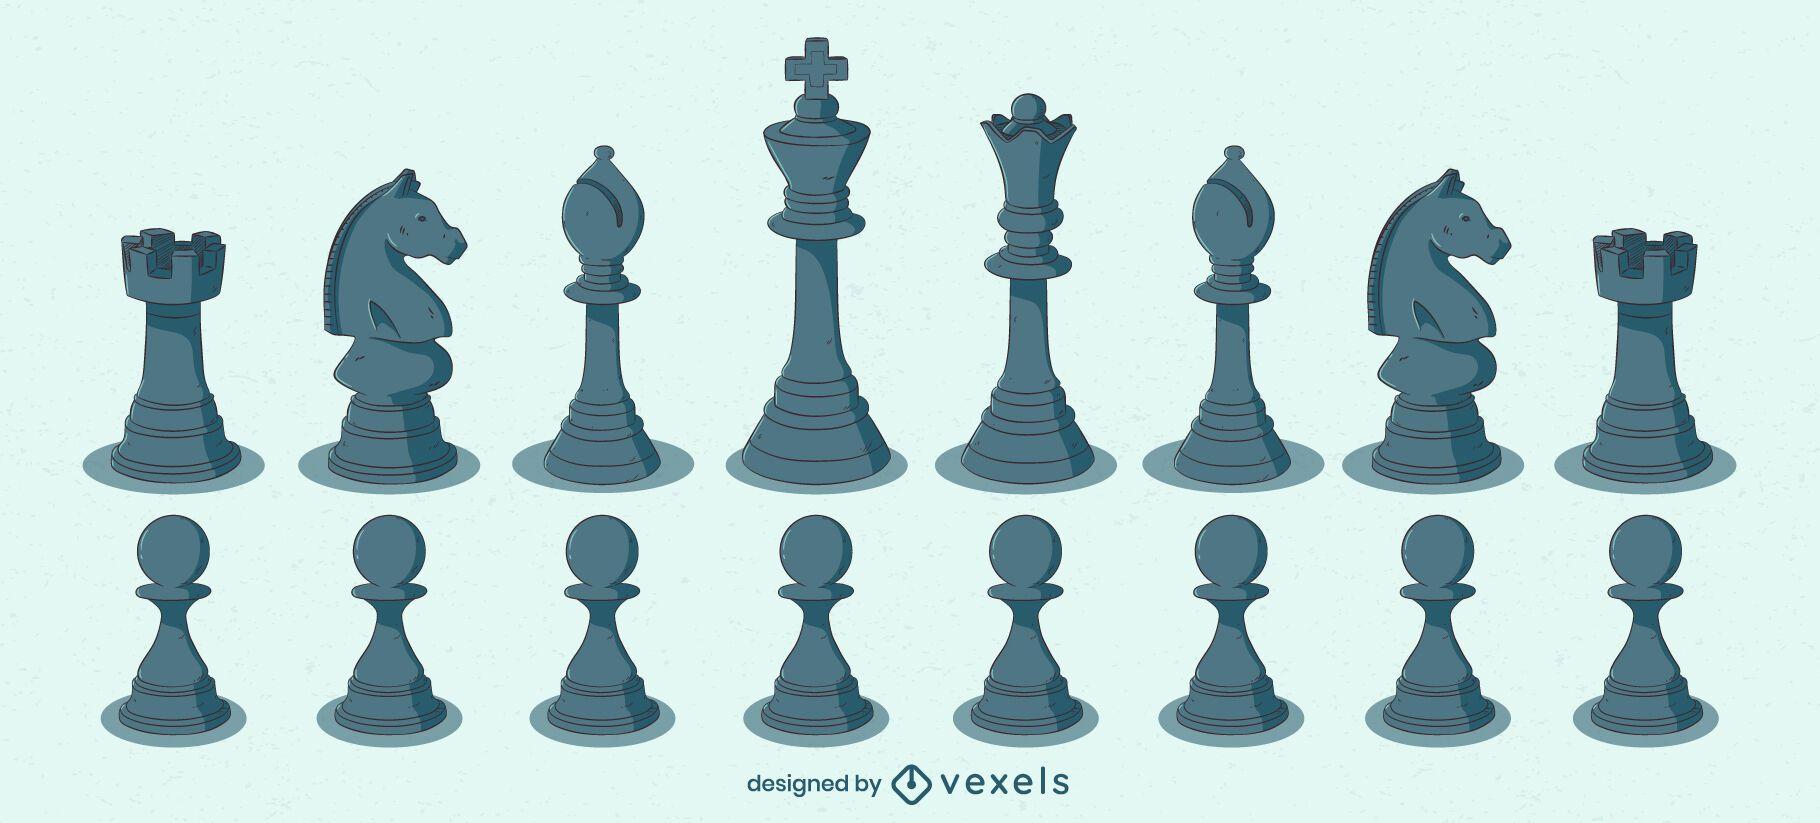 Black chess pieces color illustration set